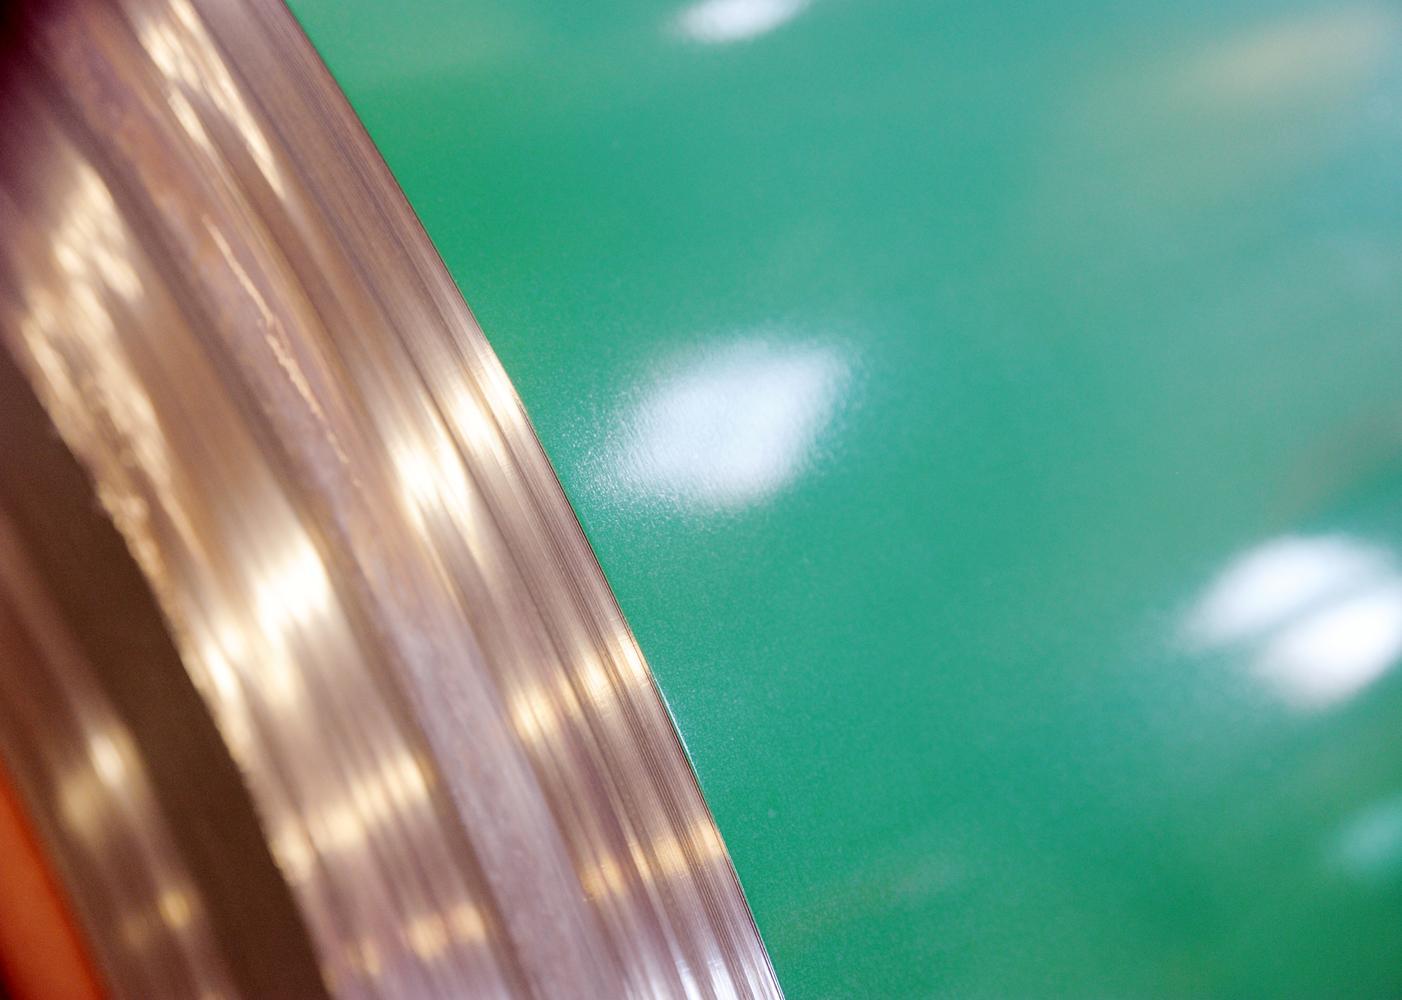 供应山东冠洲高端精品铝镁锰彩涂板